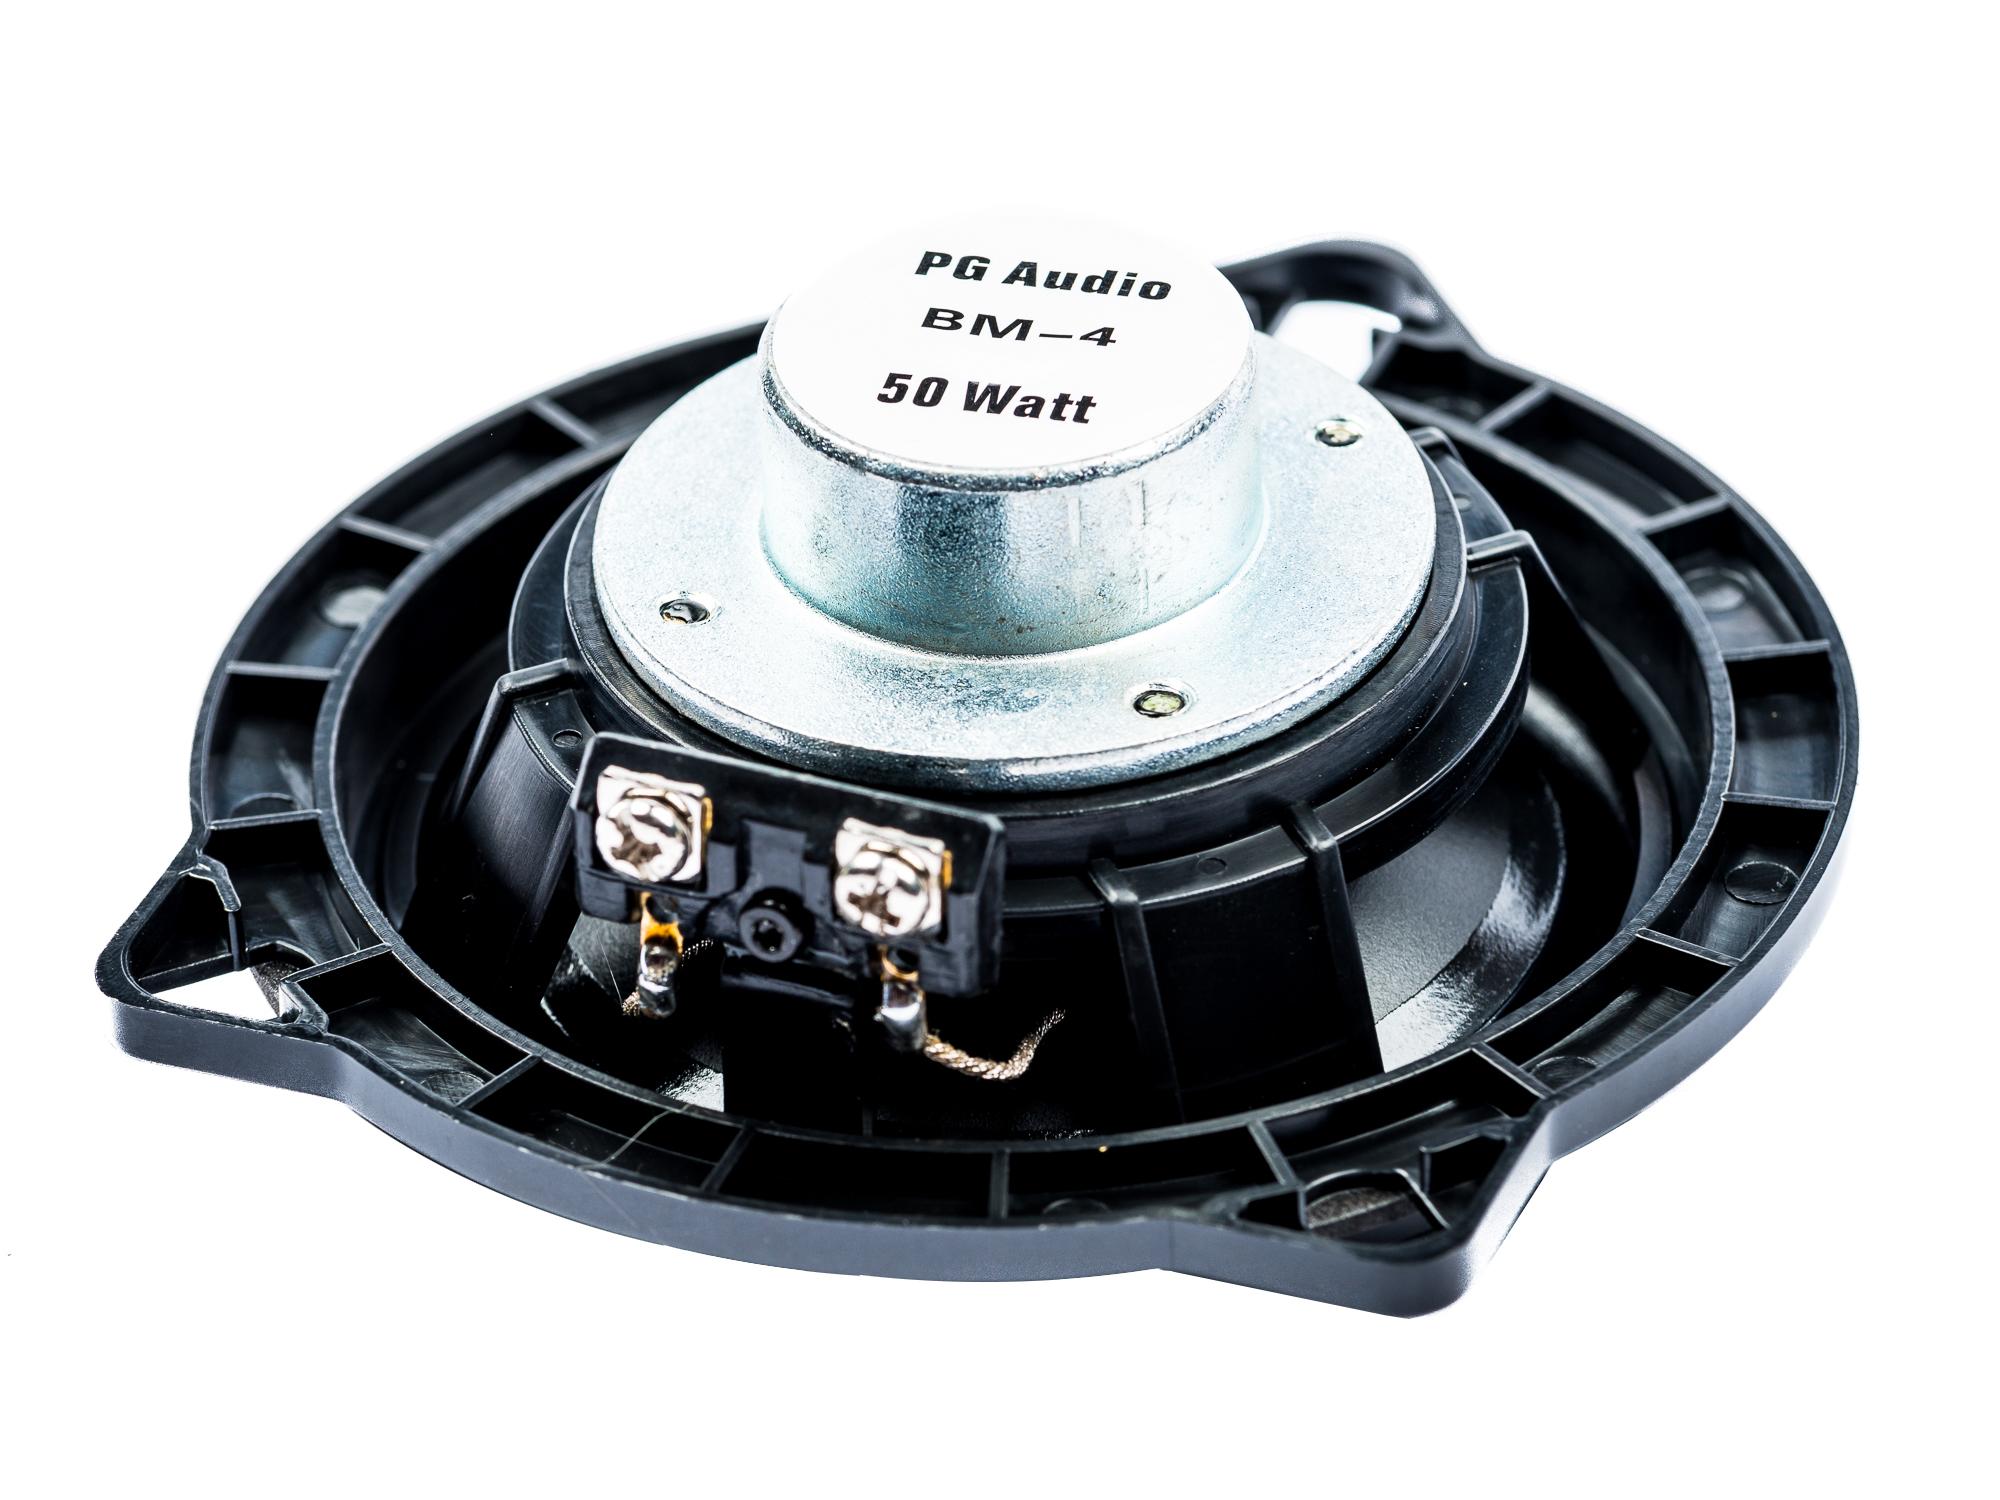 PG Audio BM-4, 10 cm Koaxial BMW Lautsprecher für 1er (E81, E82, E87, E88), 3er (E90, E91, E92) 5er (E60, E61), X1 (E84)1 Paar, B-WARE – Bild 3